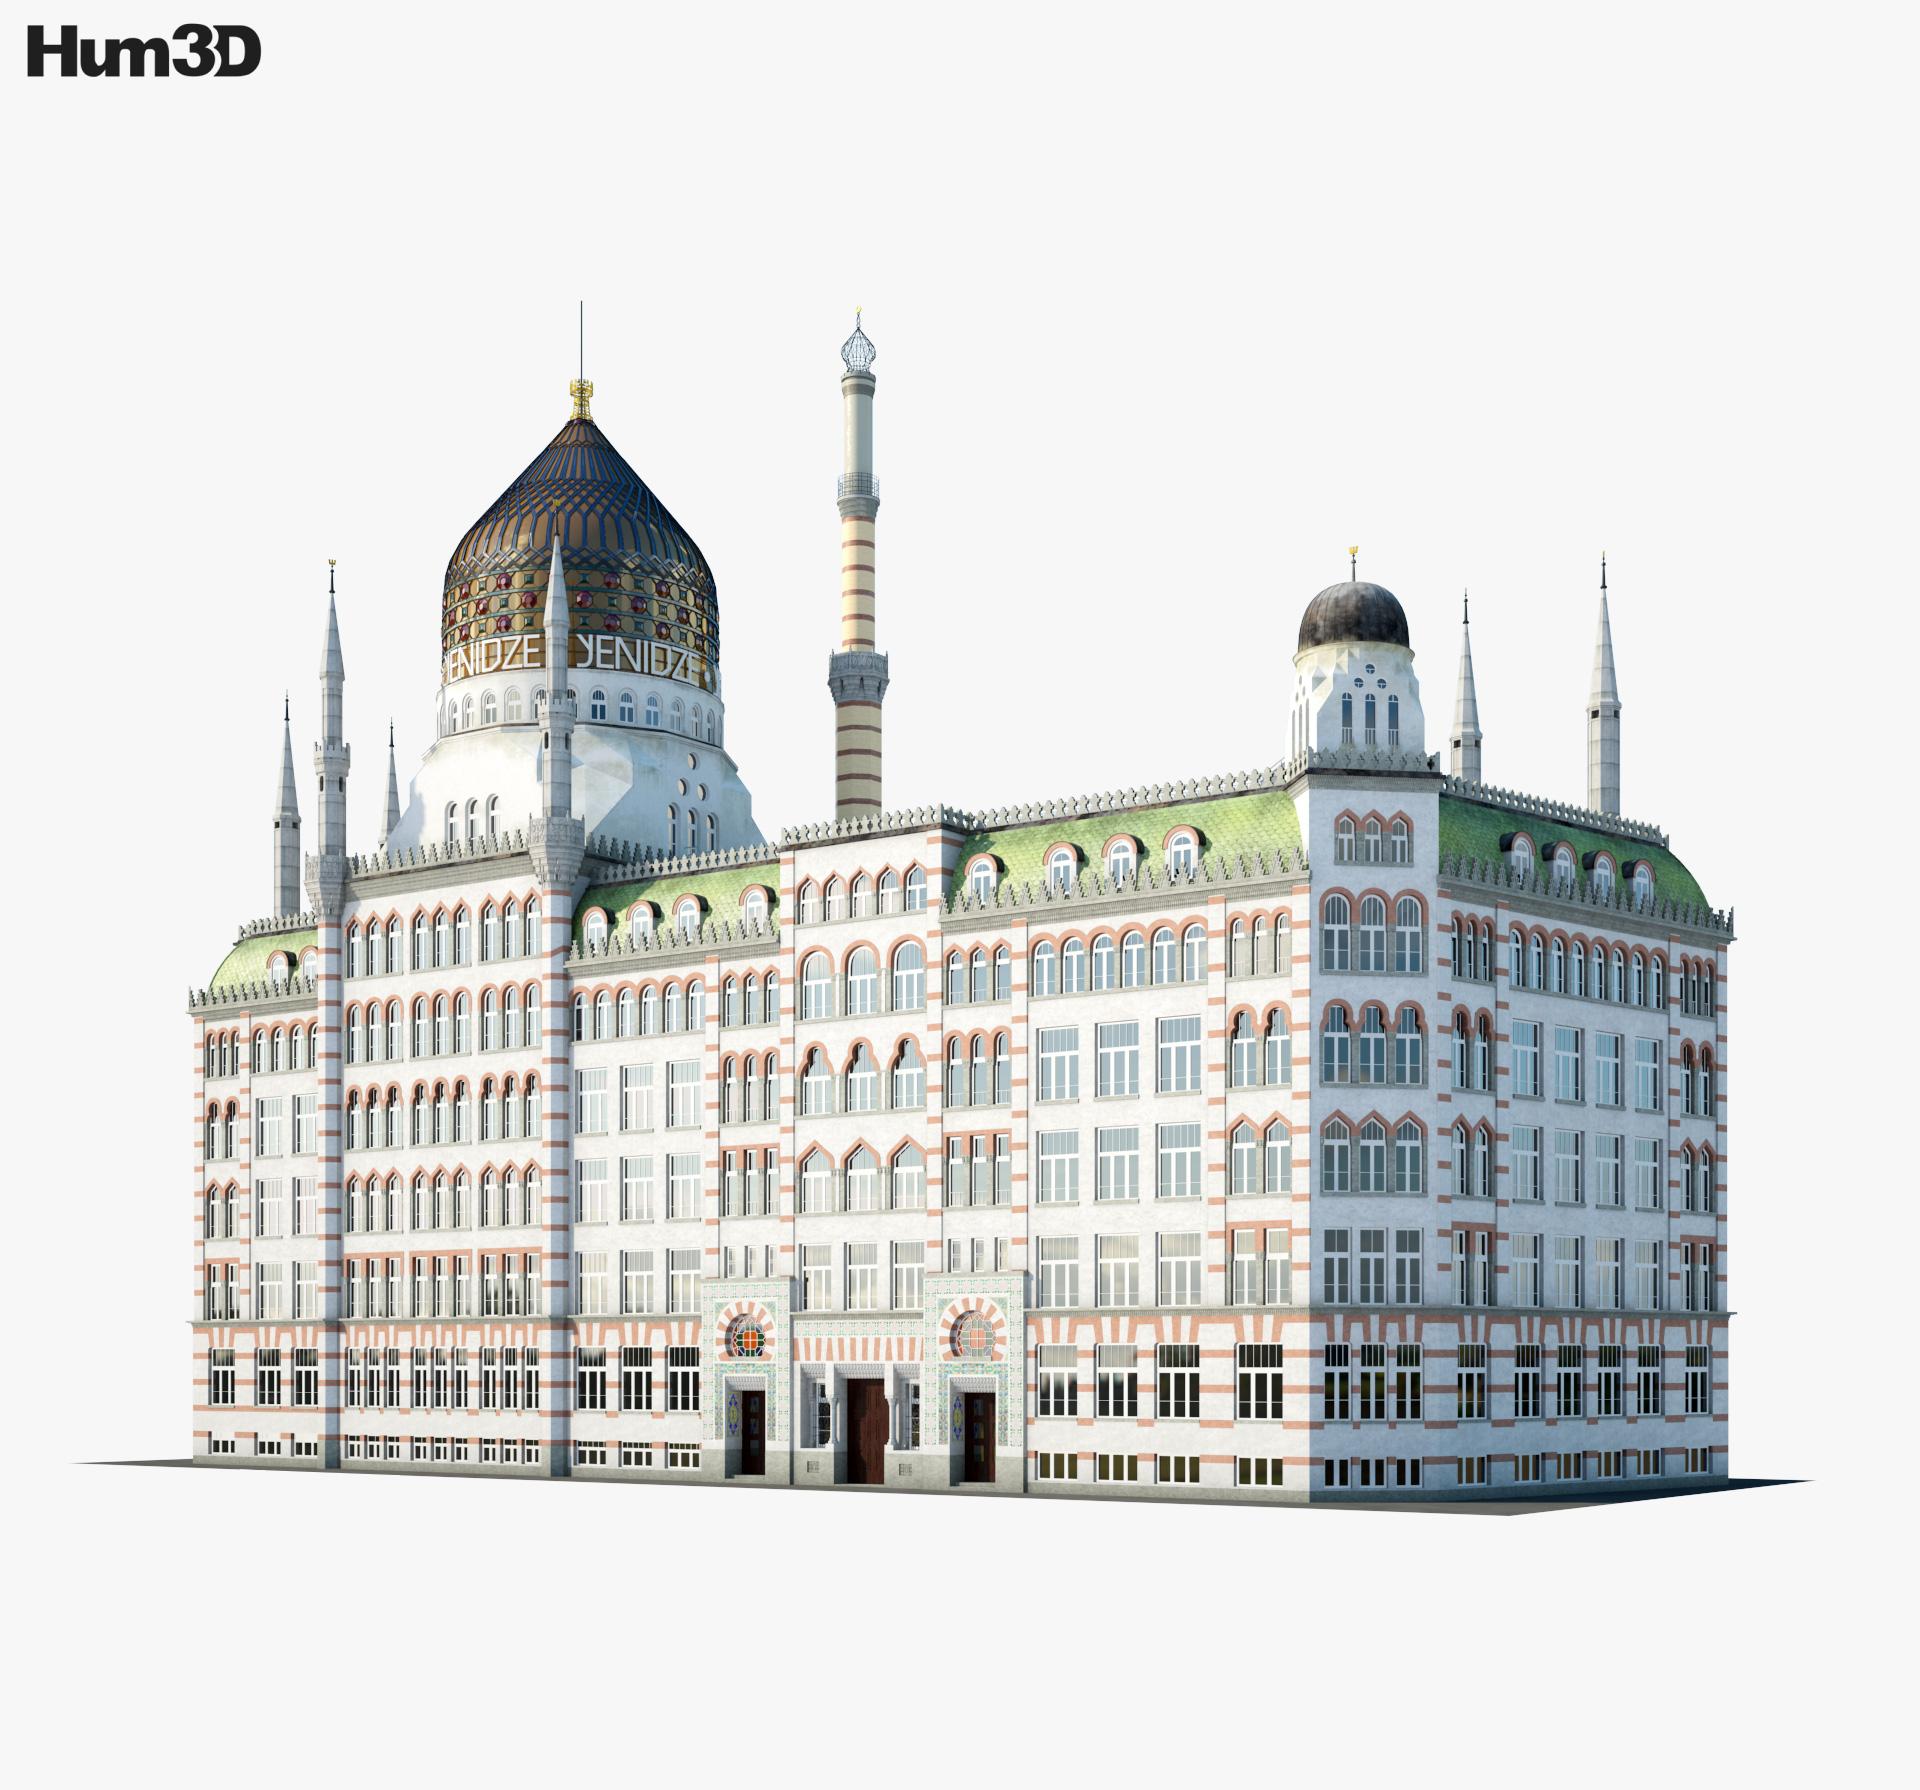 Yenidze 3d model